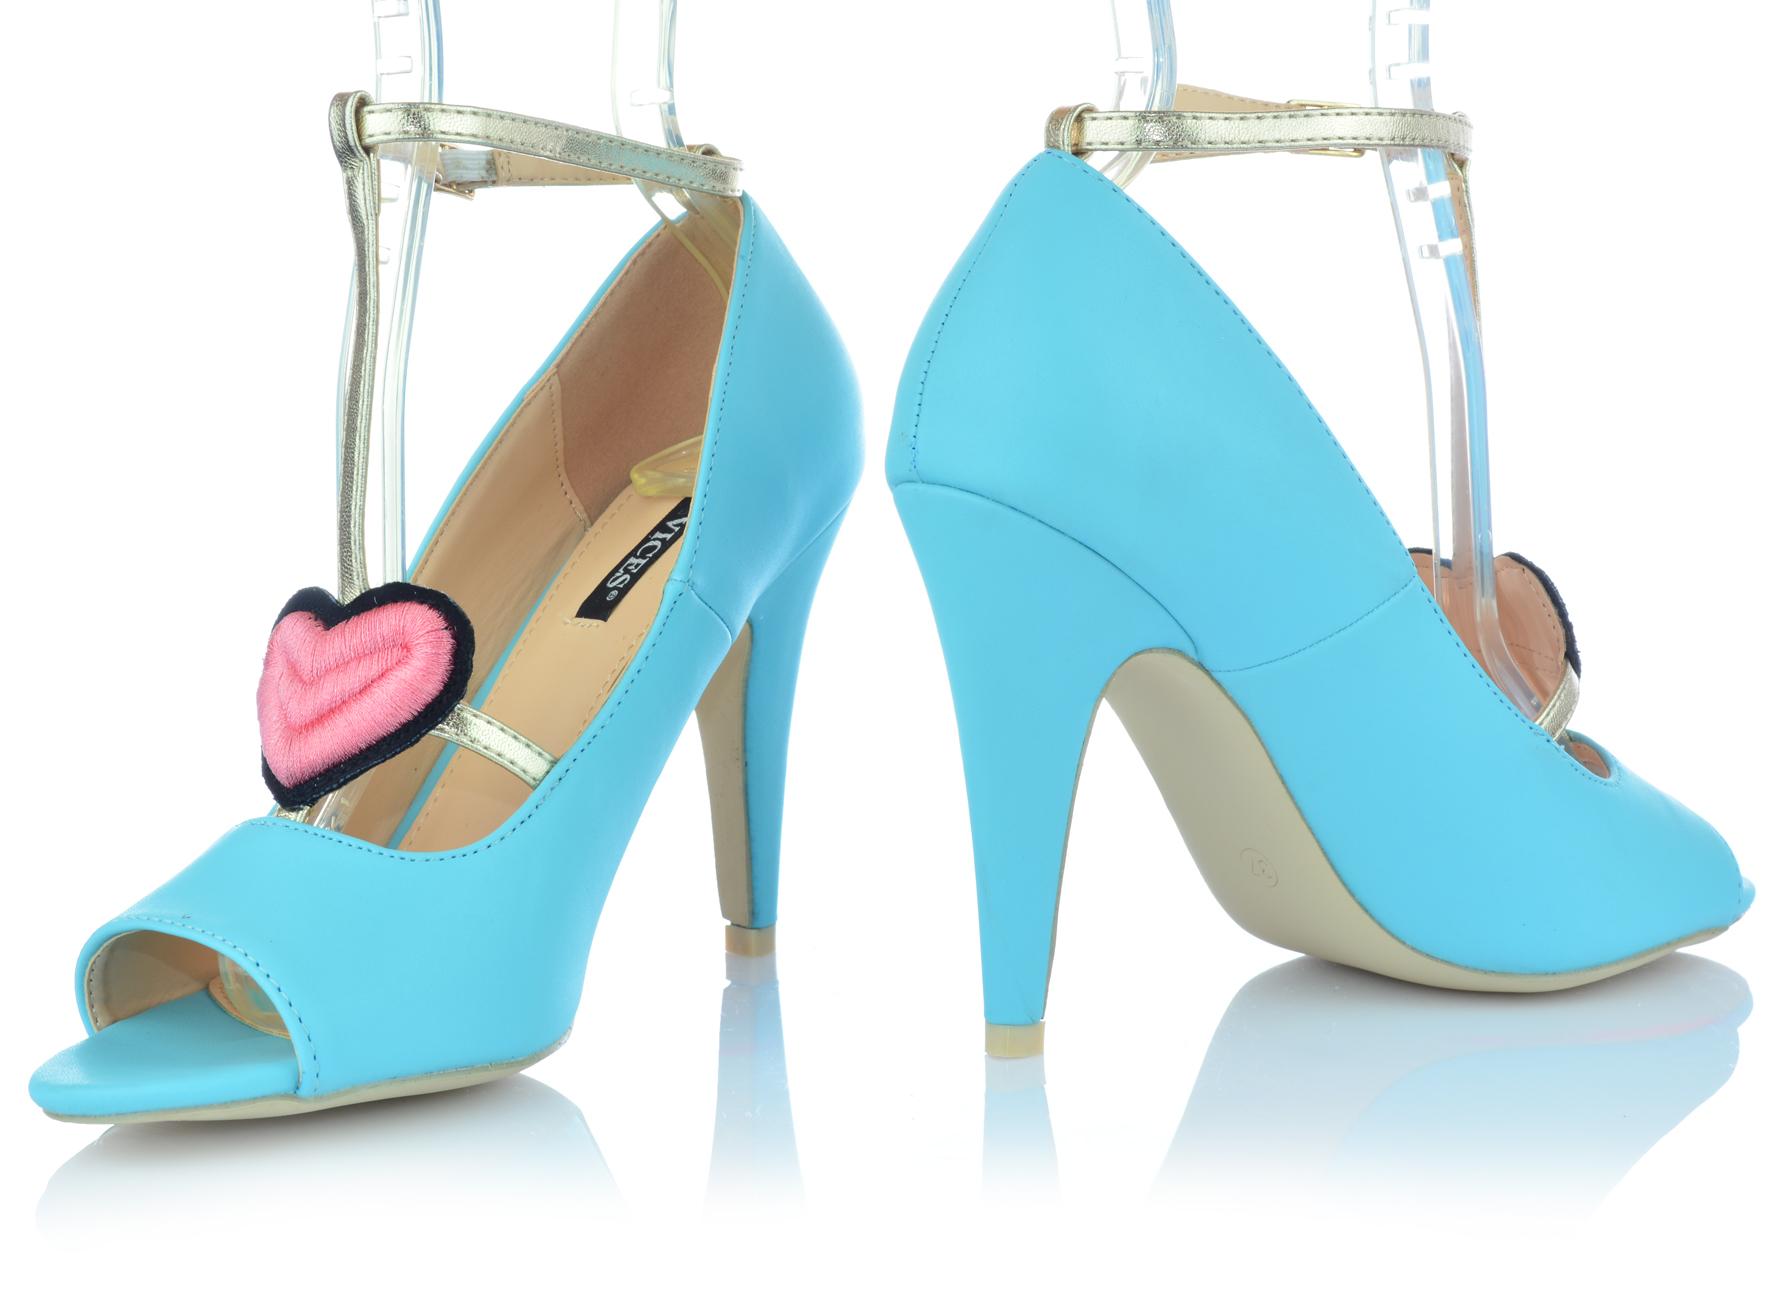 Zapatos-senora-tacon-alto-Stiletto-pumps-noche-zapatos-peep-con-tiras-zapatos-de-fiesta miniatura 6